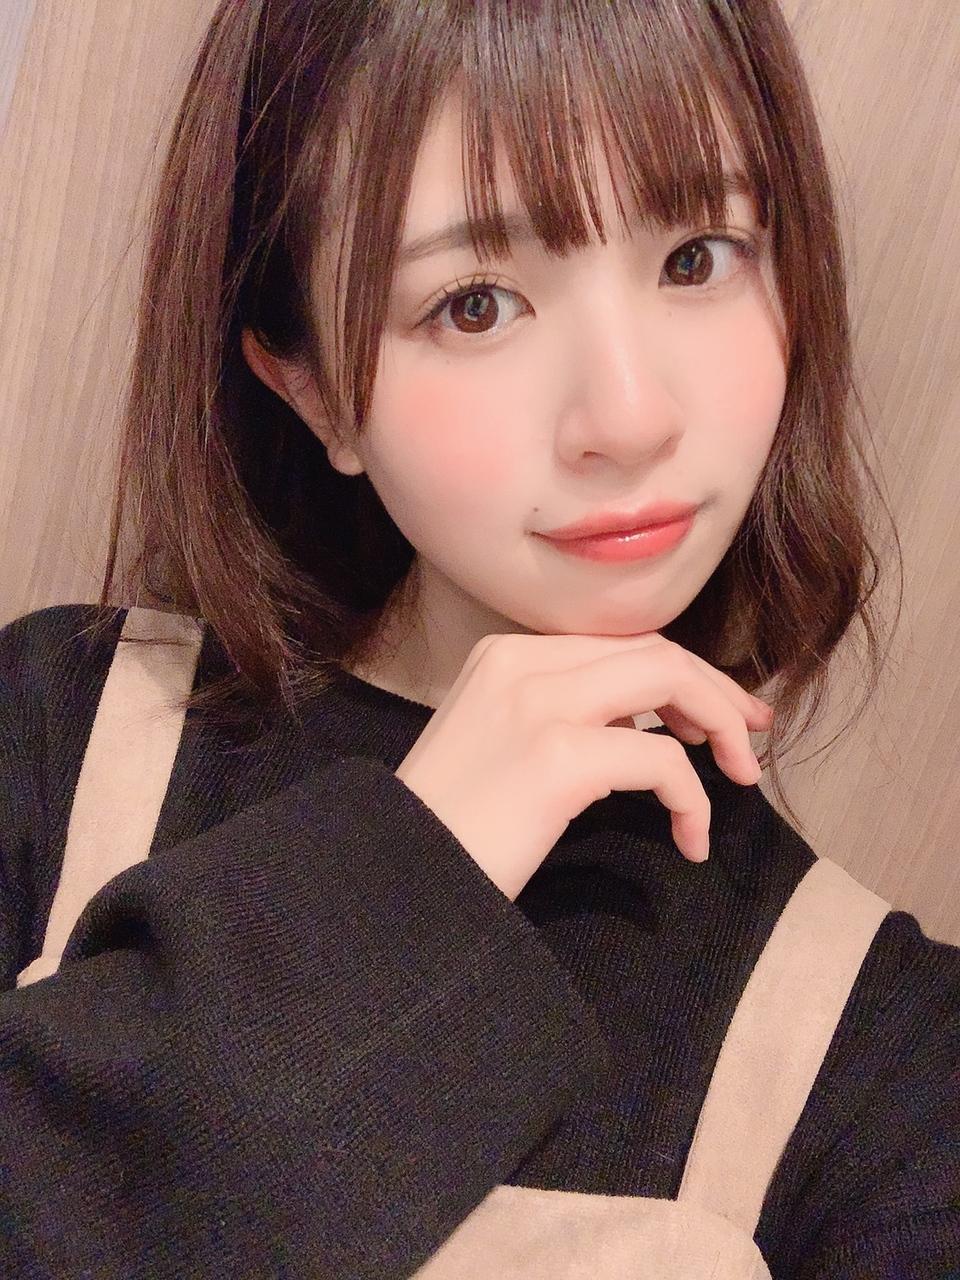 日向坂46メンバーブログまとめ2019年10月27日